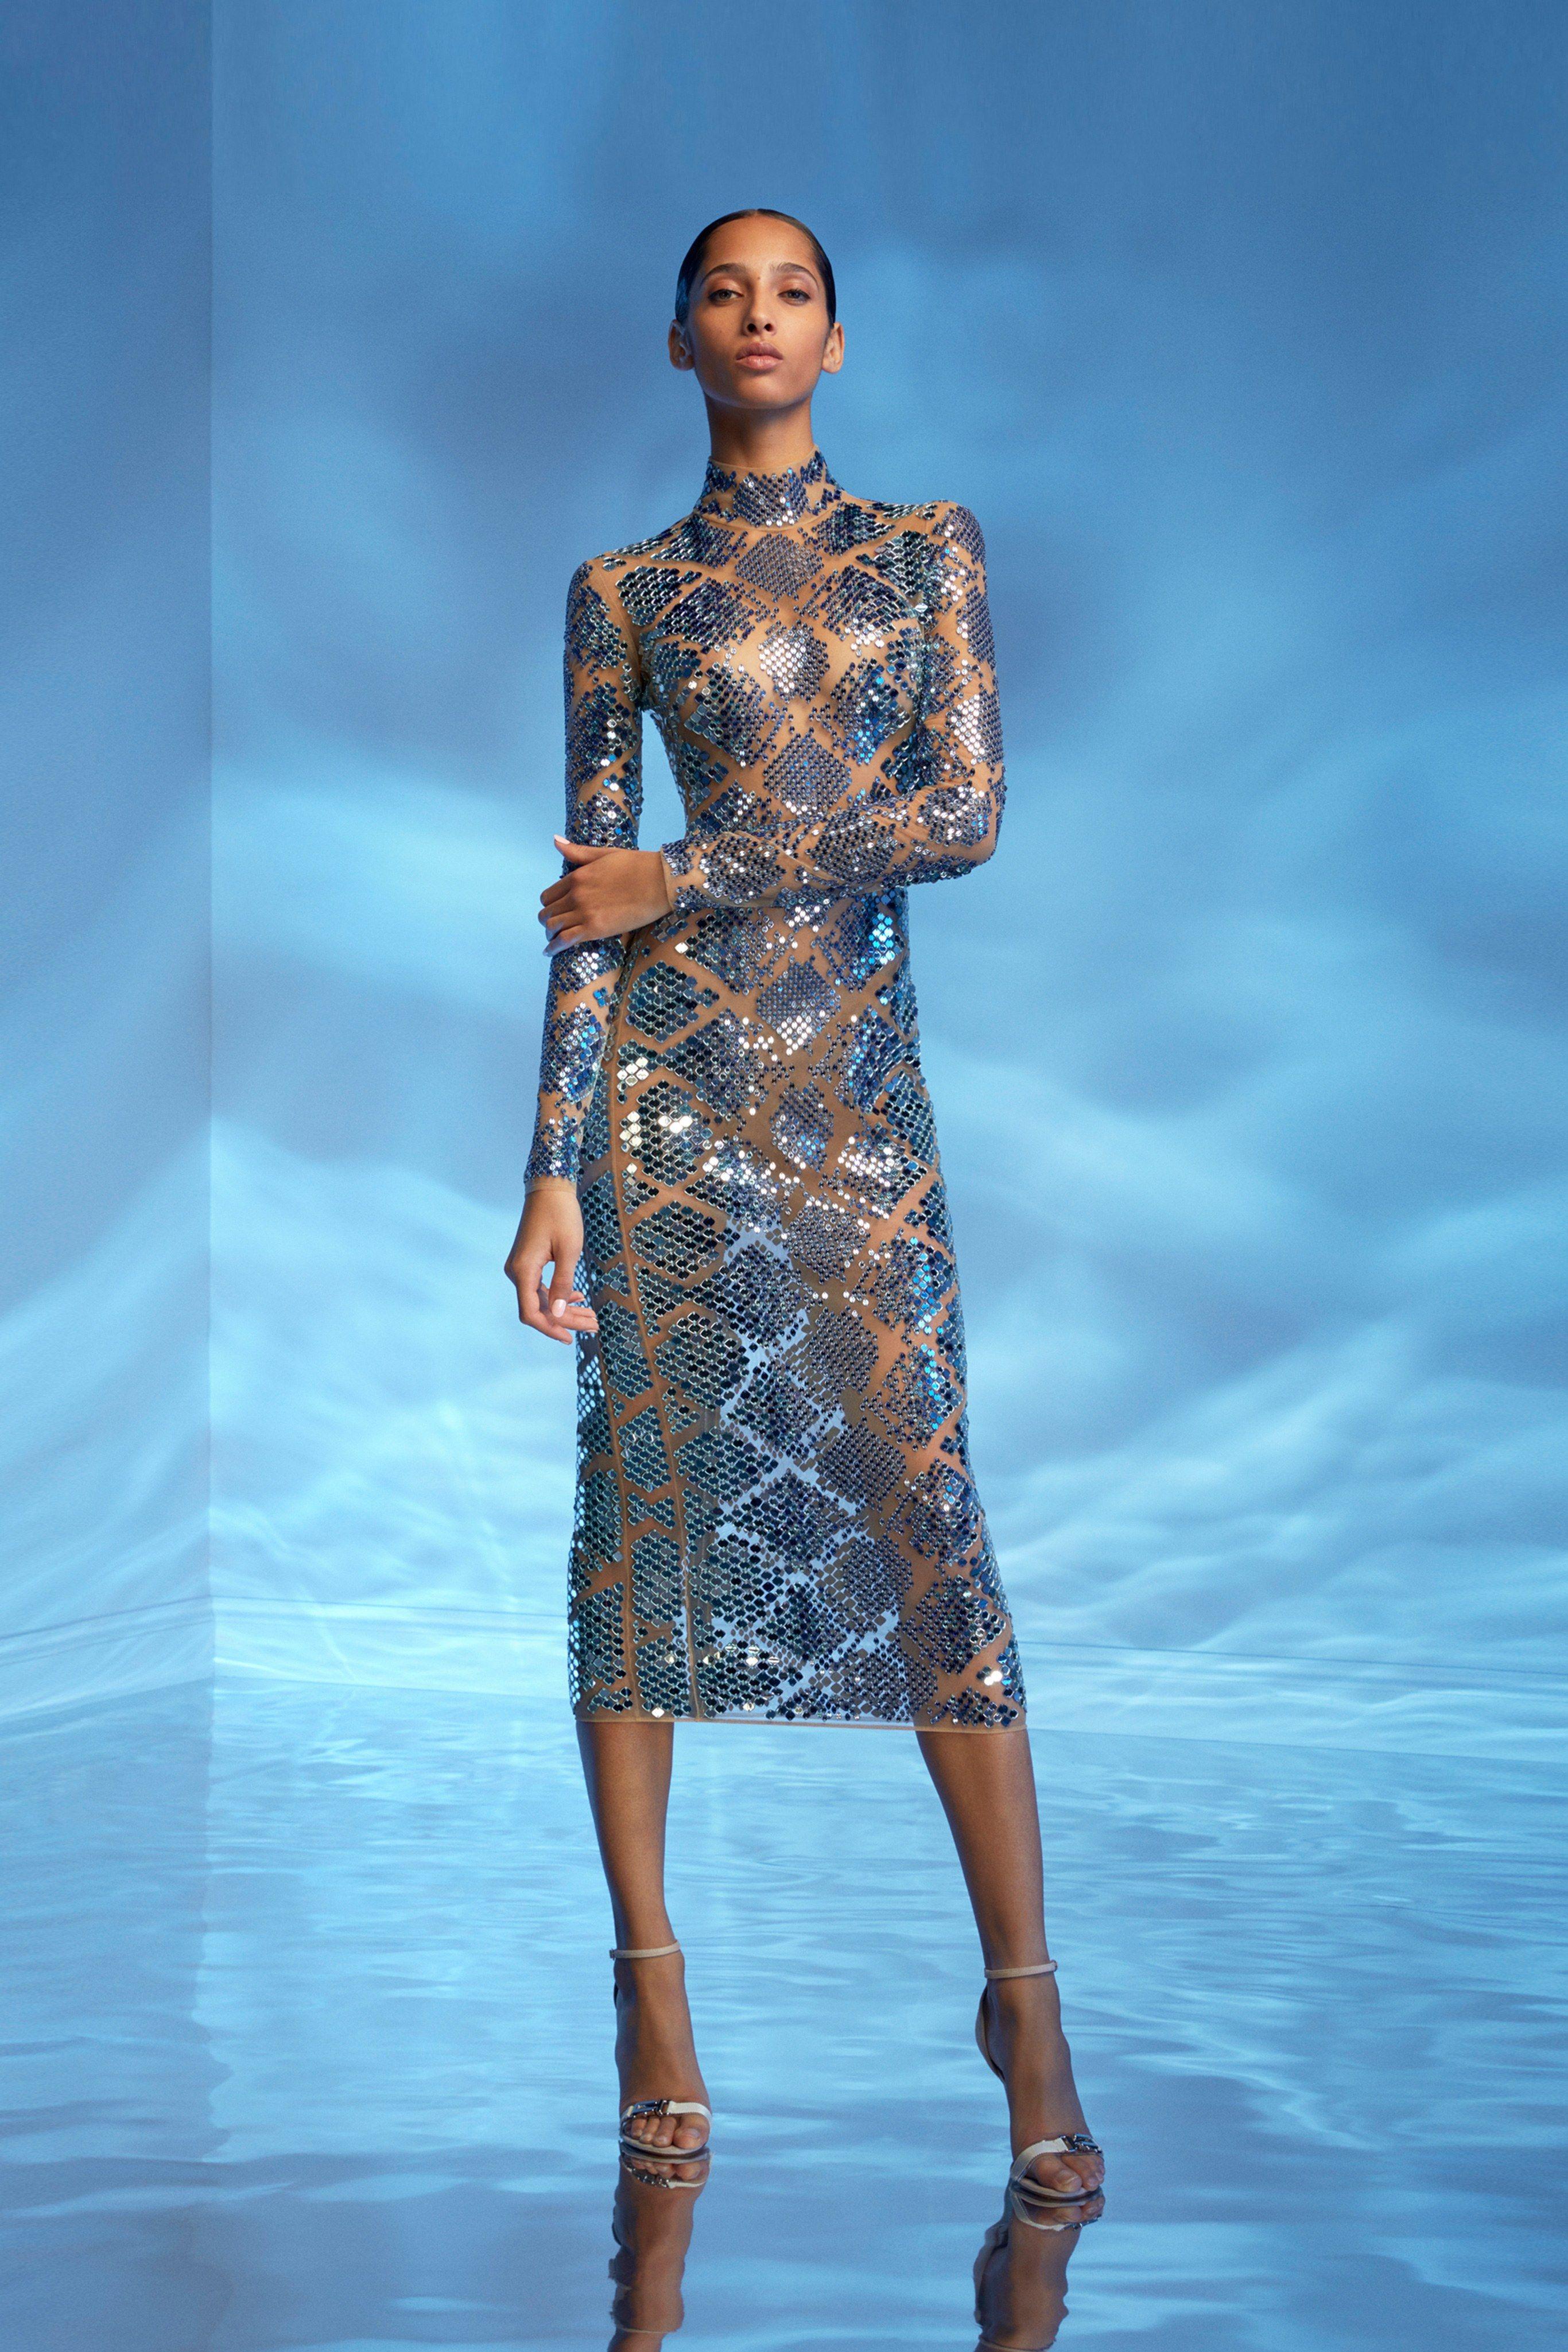 David Koma Resort 2020 Fashion Show  Fashion Fashion show Edgy fashion